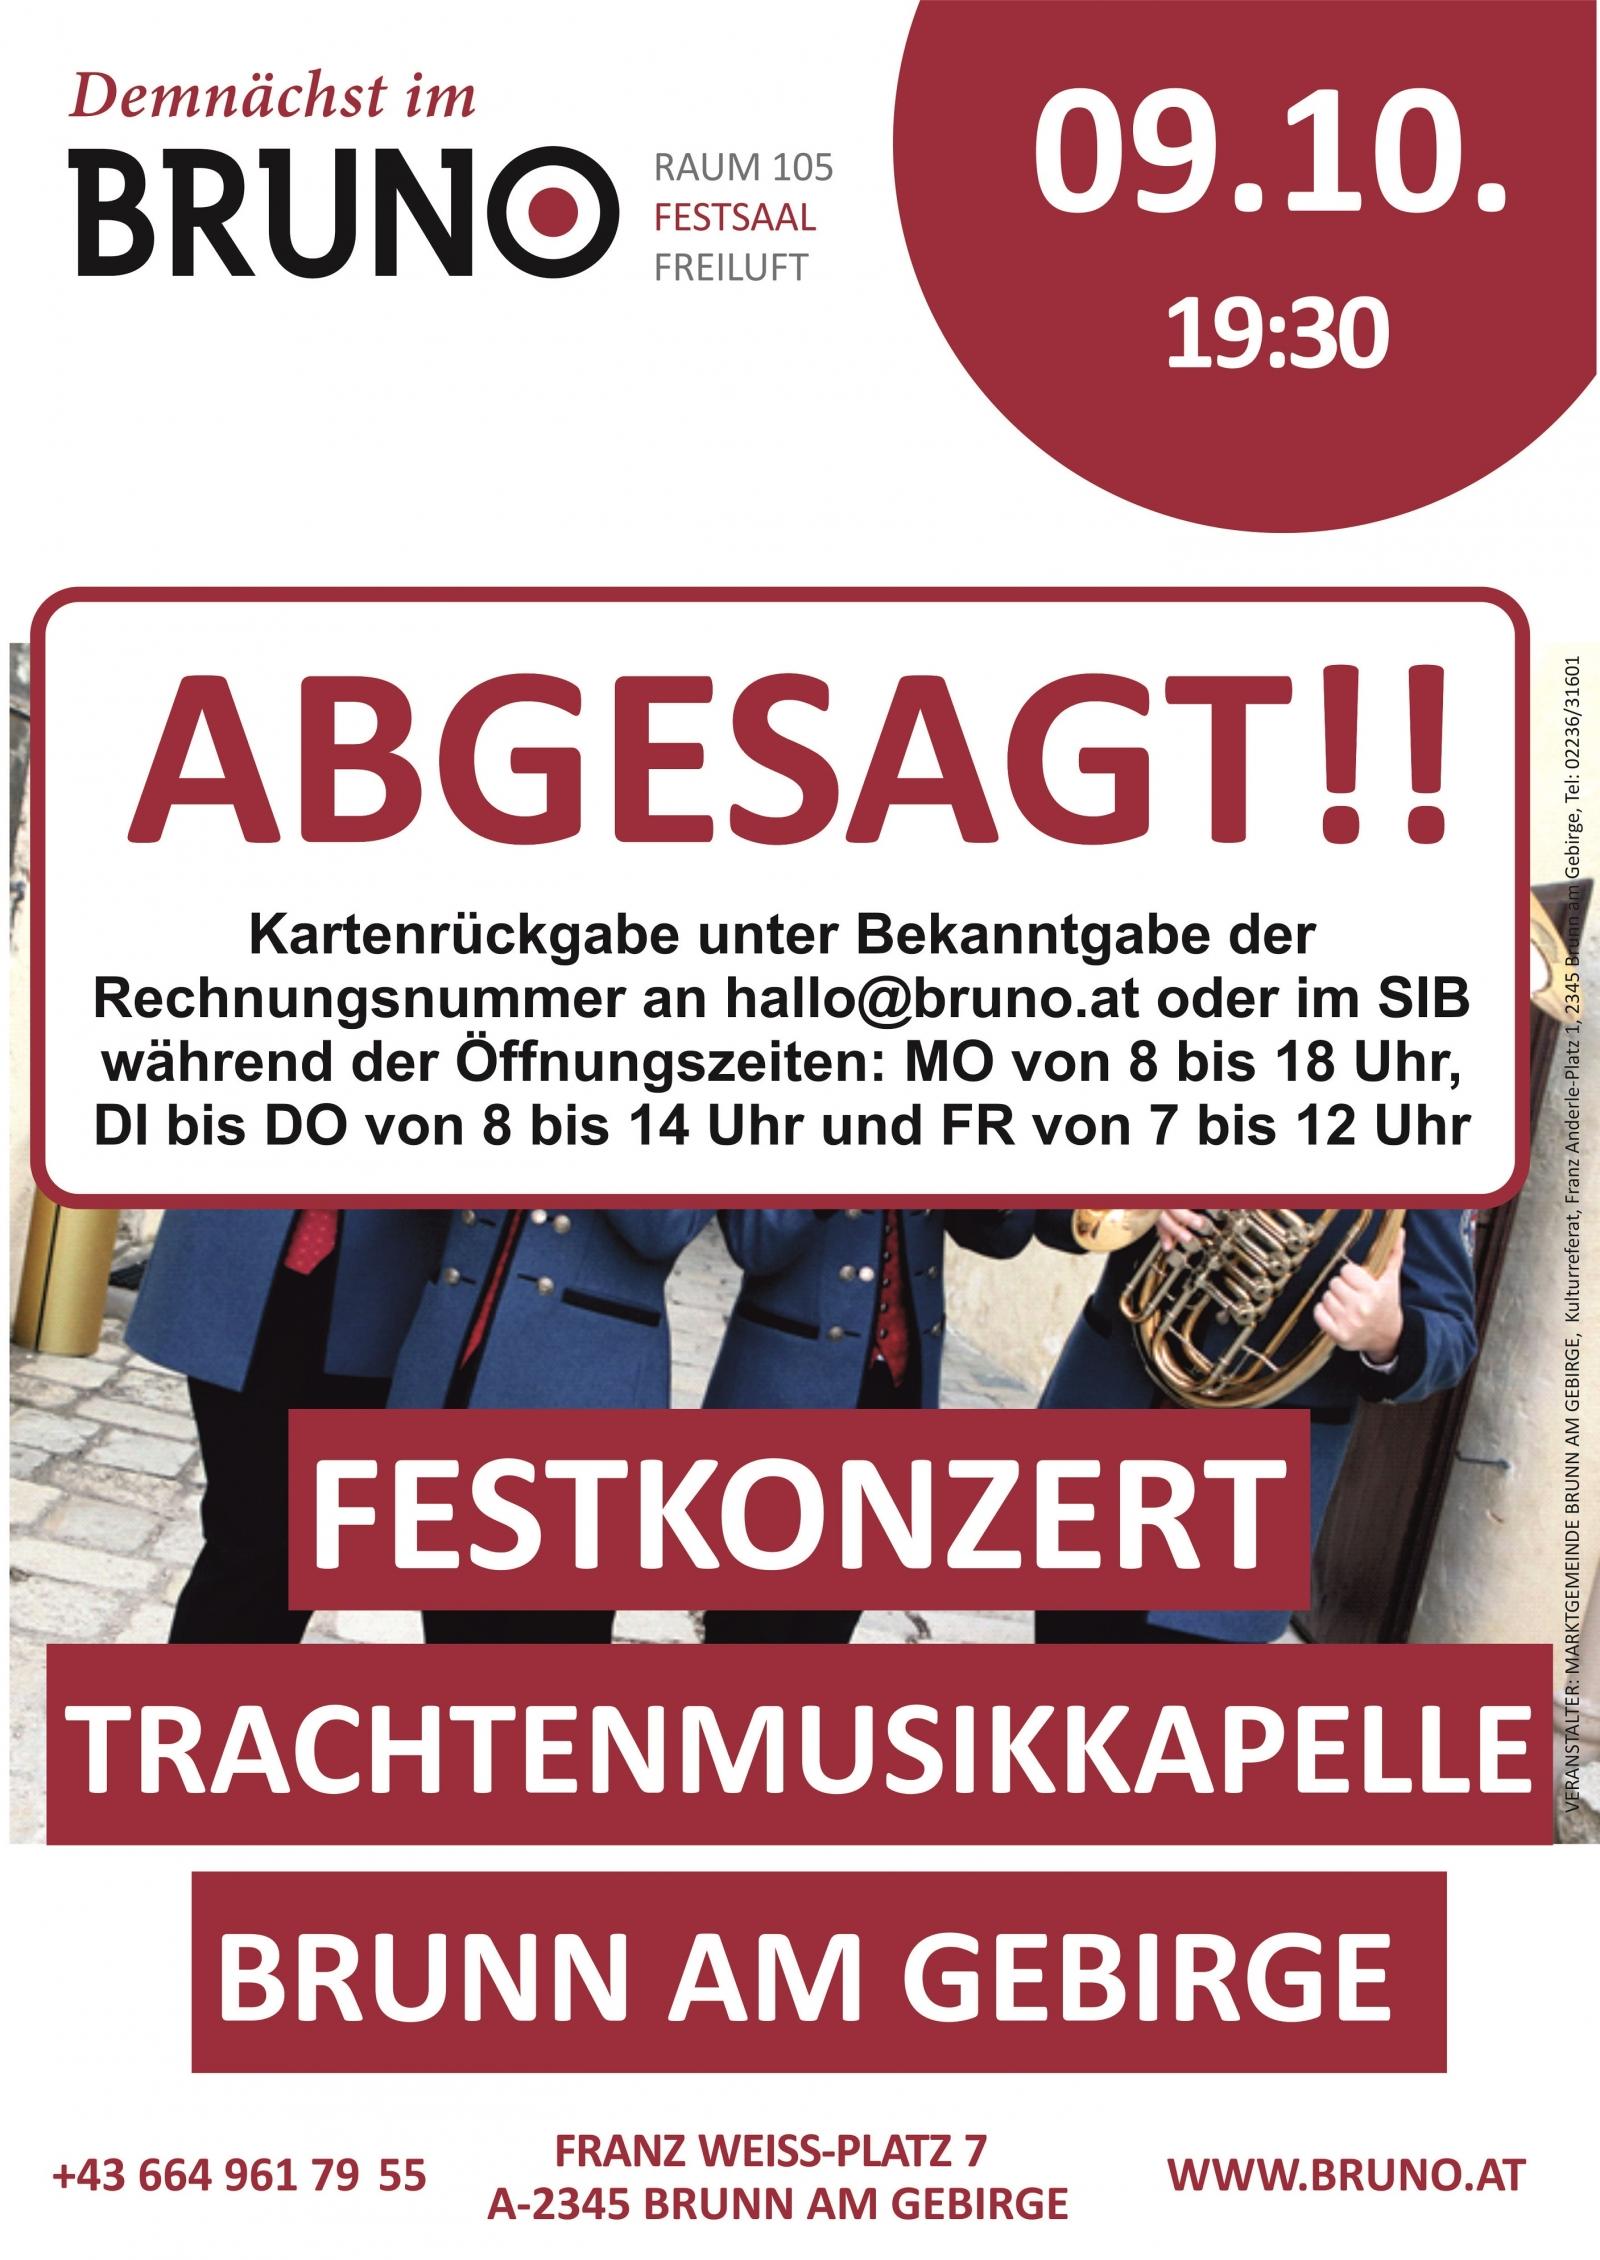 Festkonzert der Trachtenmusikkapelle Brunn am Gebirge